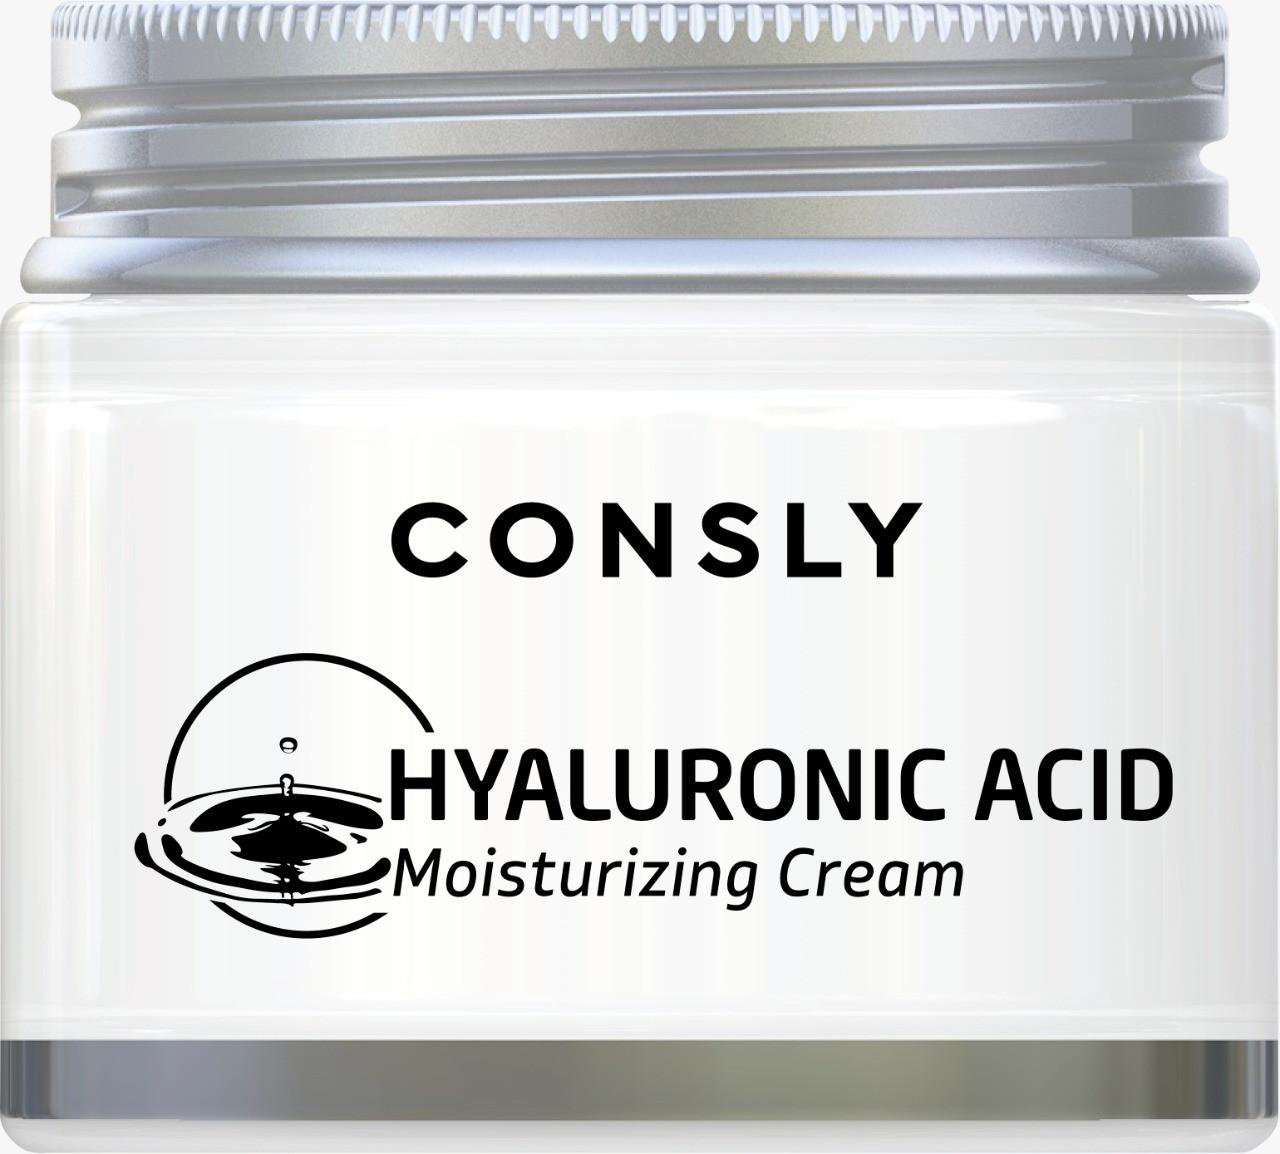 Consly Увлажнающий Крем с Гиалуроновой Кислотой Hyaluronic Acid Cream 70мл.